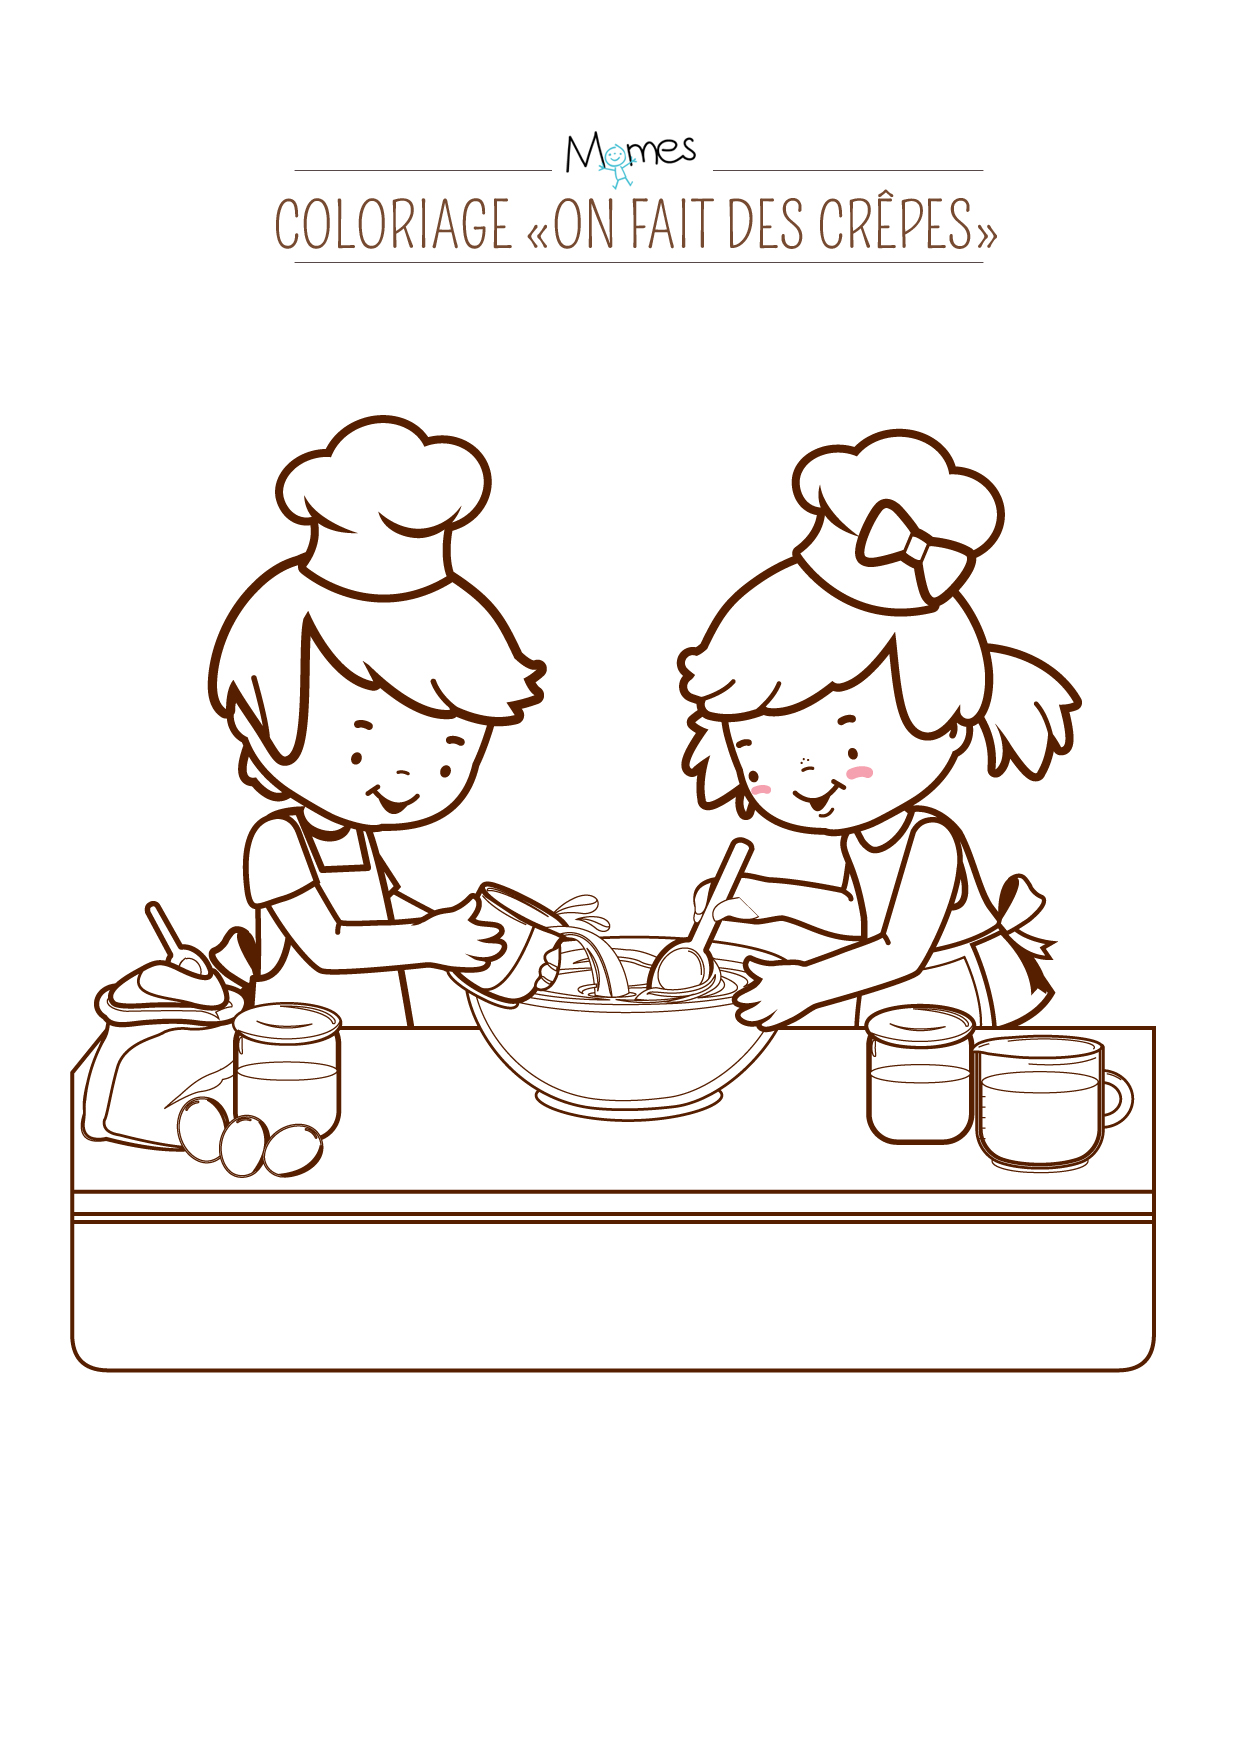 """Coloriage """"On fait des crêpes"""" ! - Momes.net"""